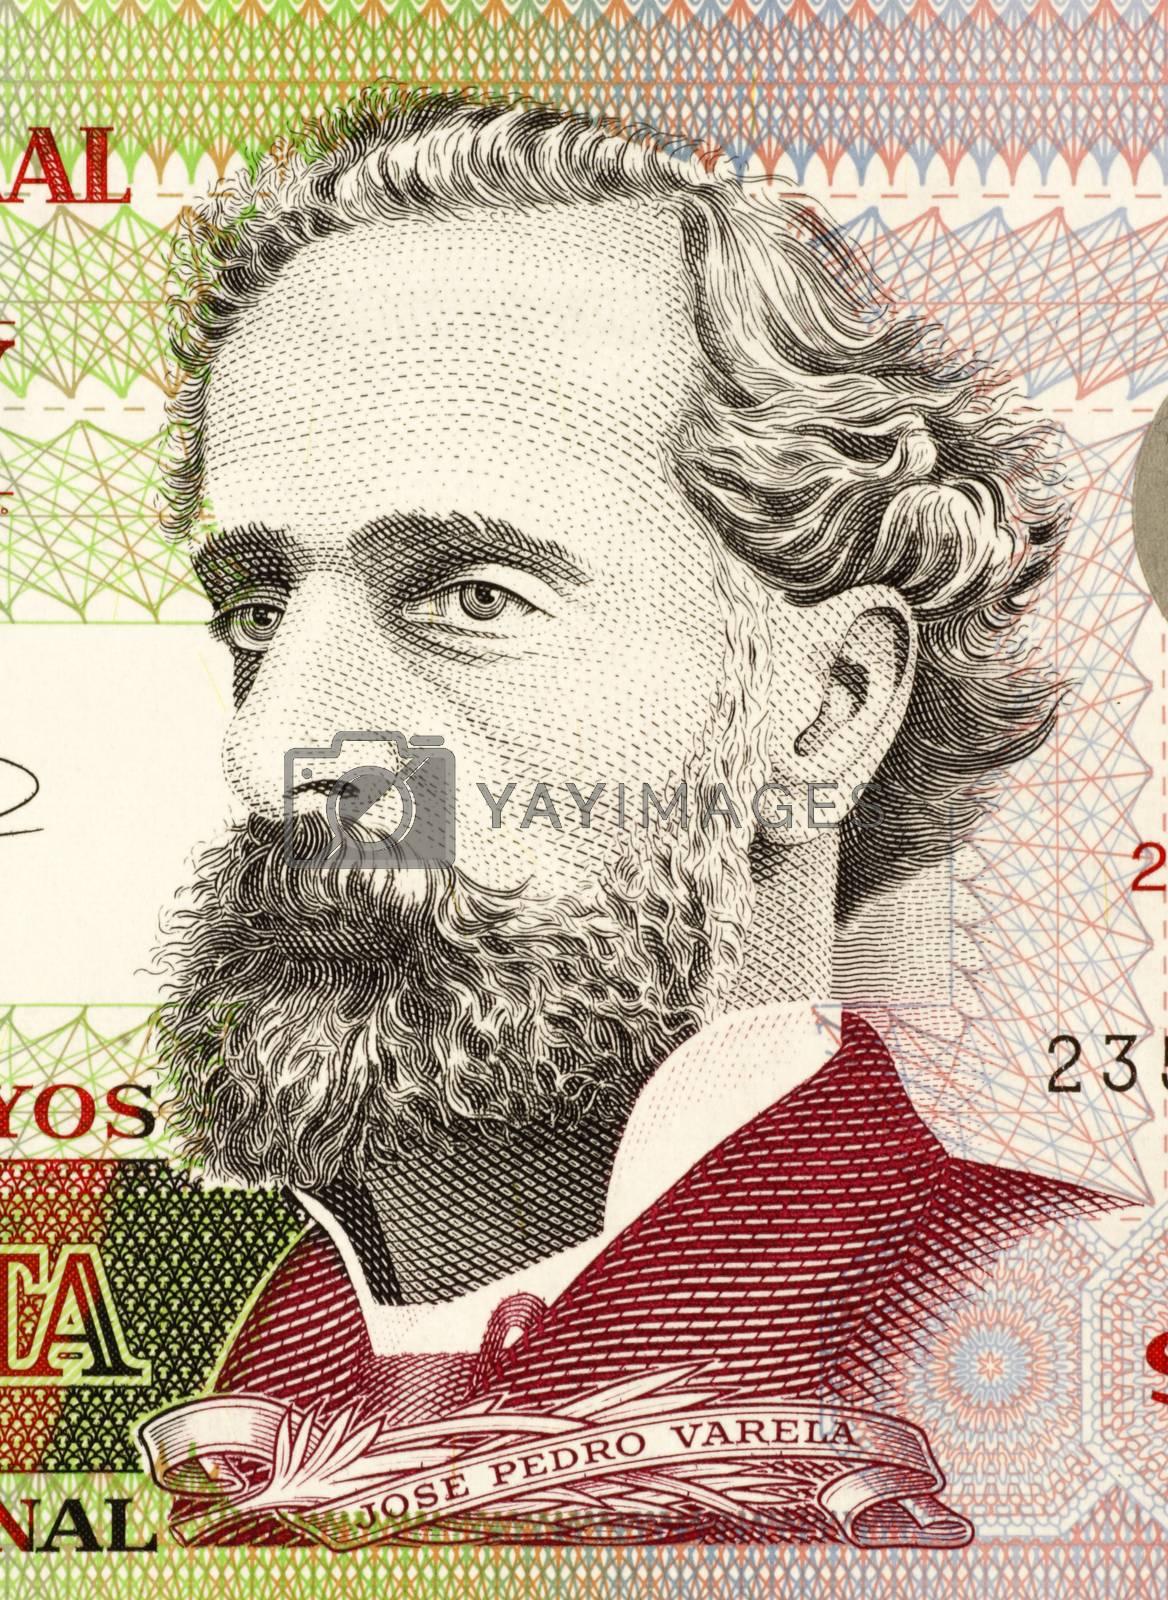 Jose Pedro Varela by Georgios